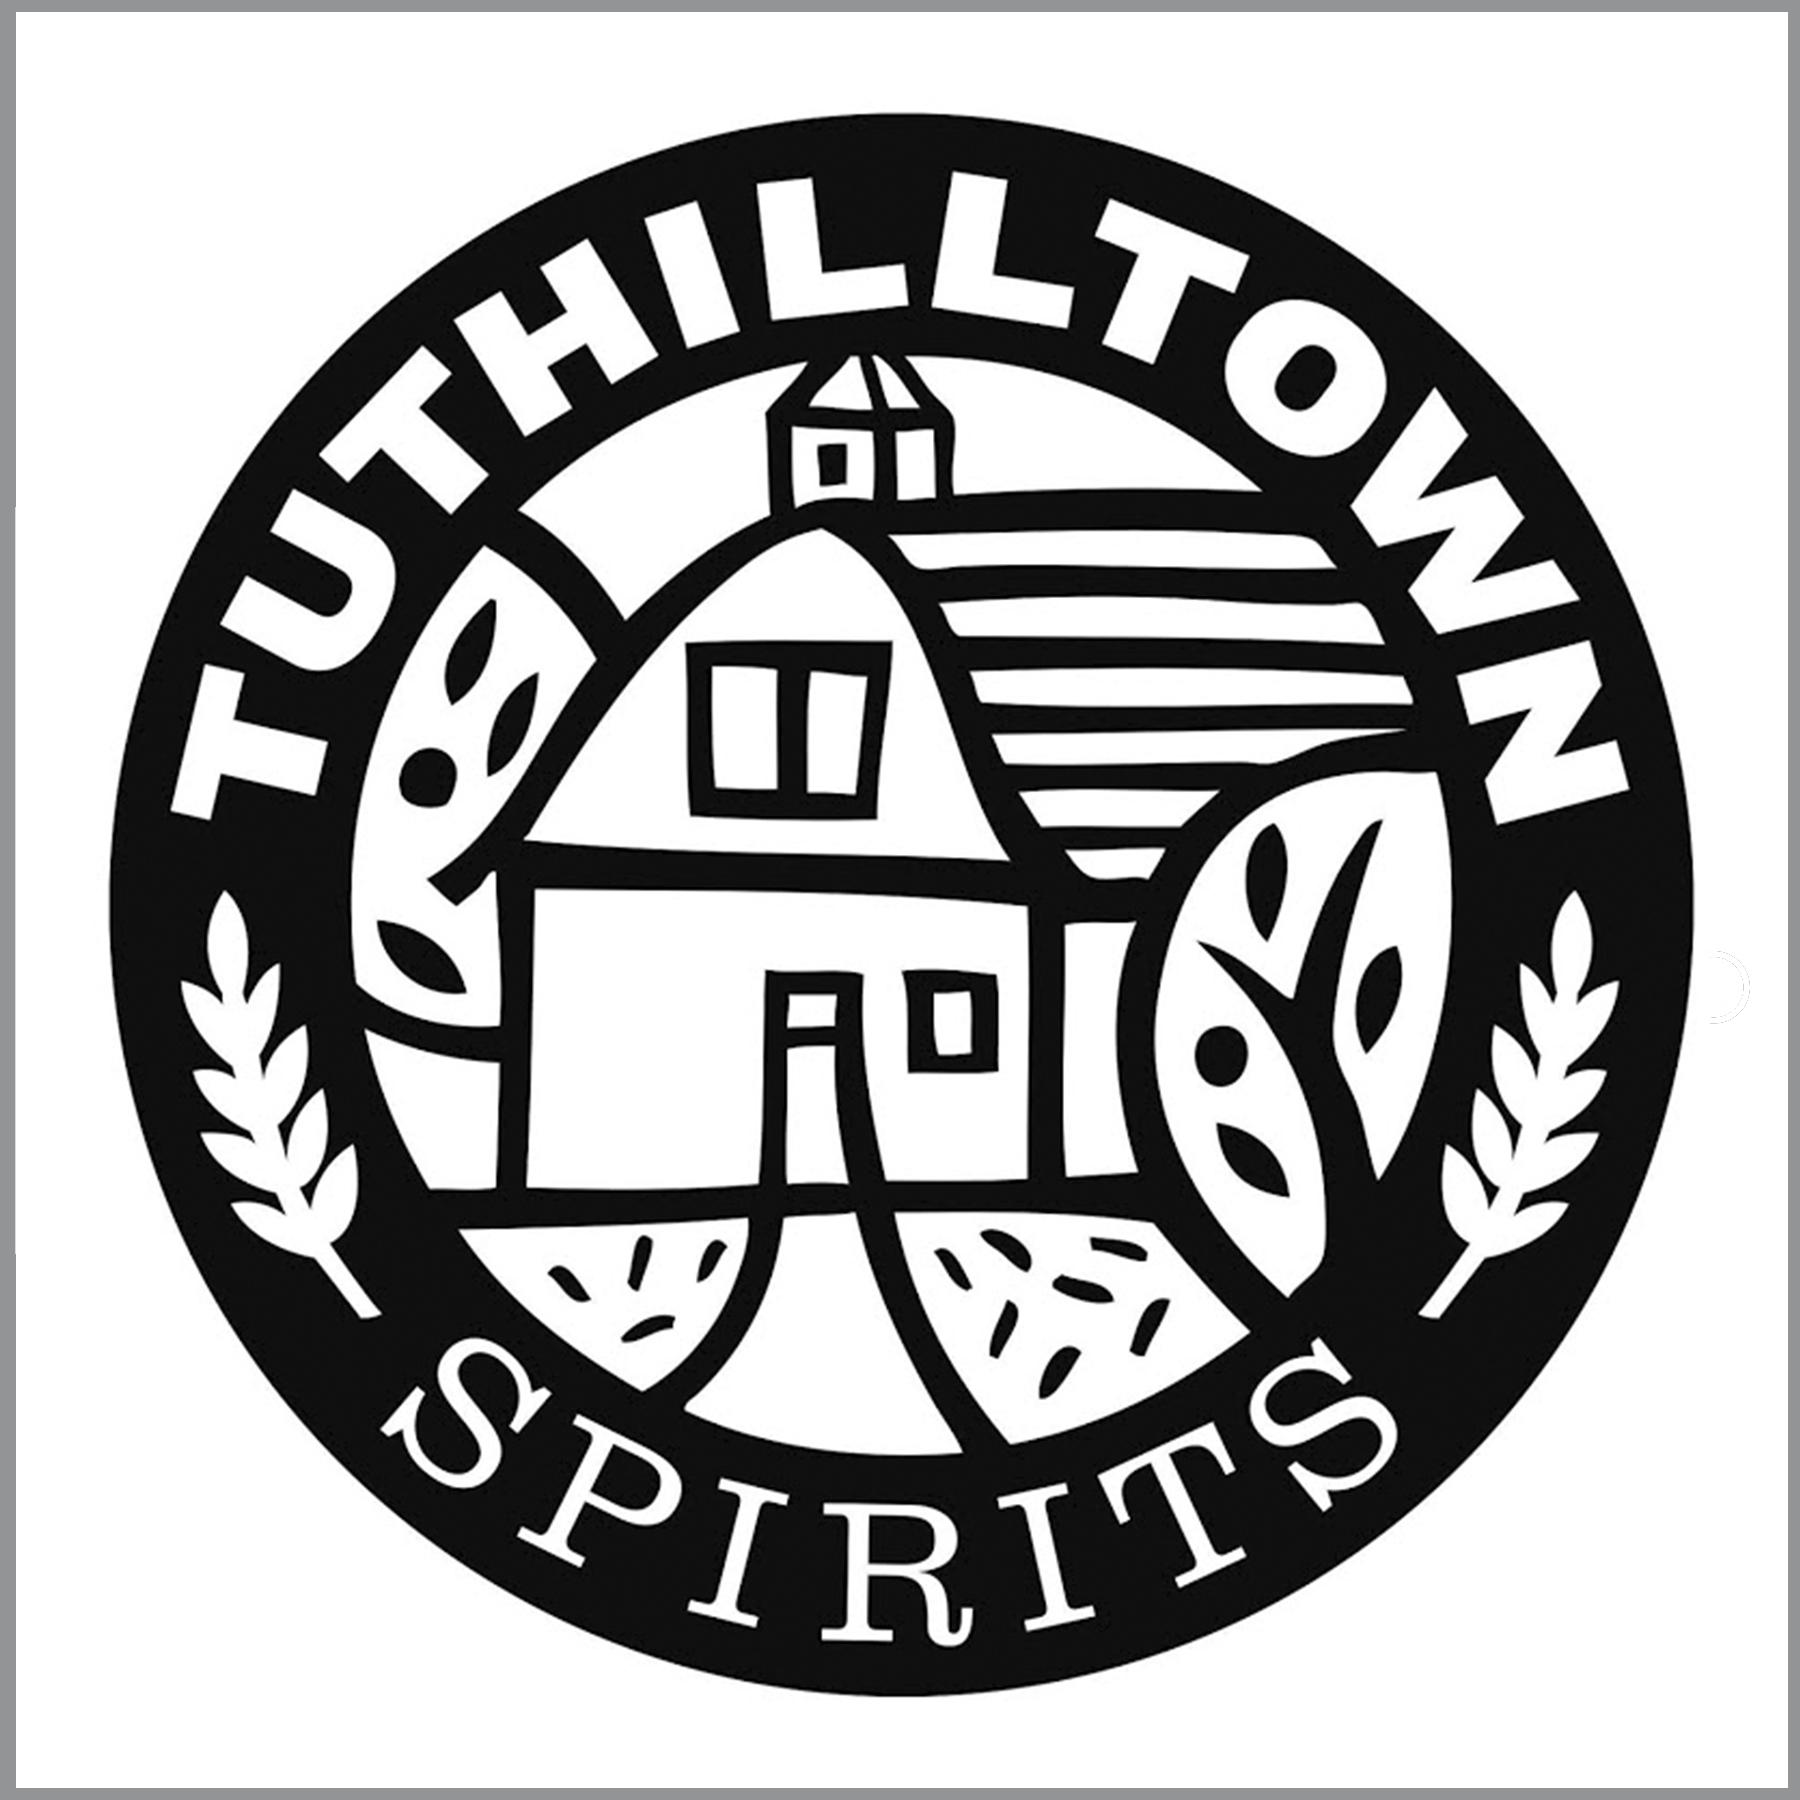 TUTTHILL TOWN LOGO.jpg